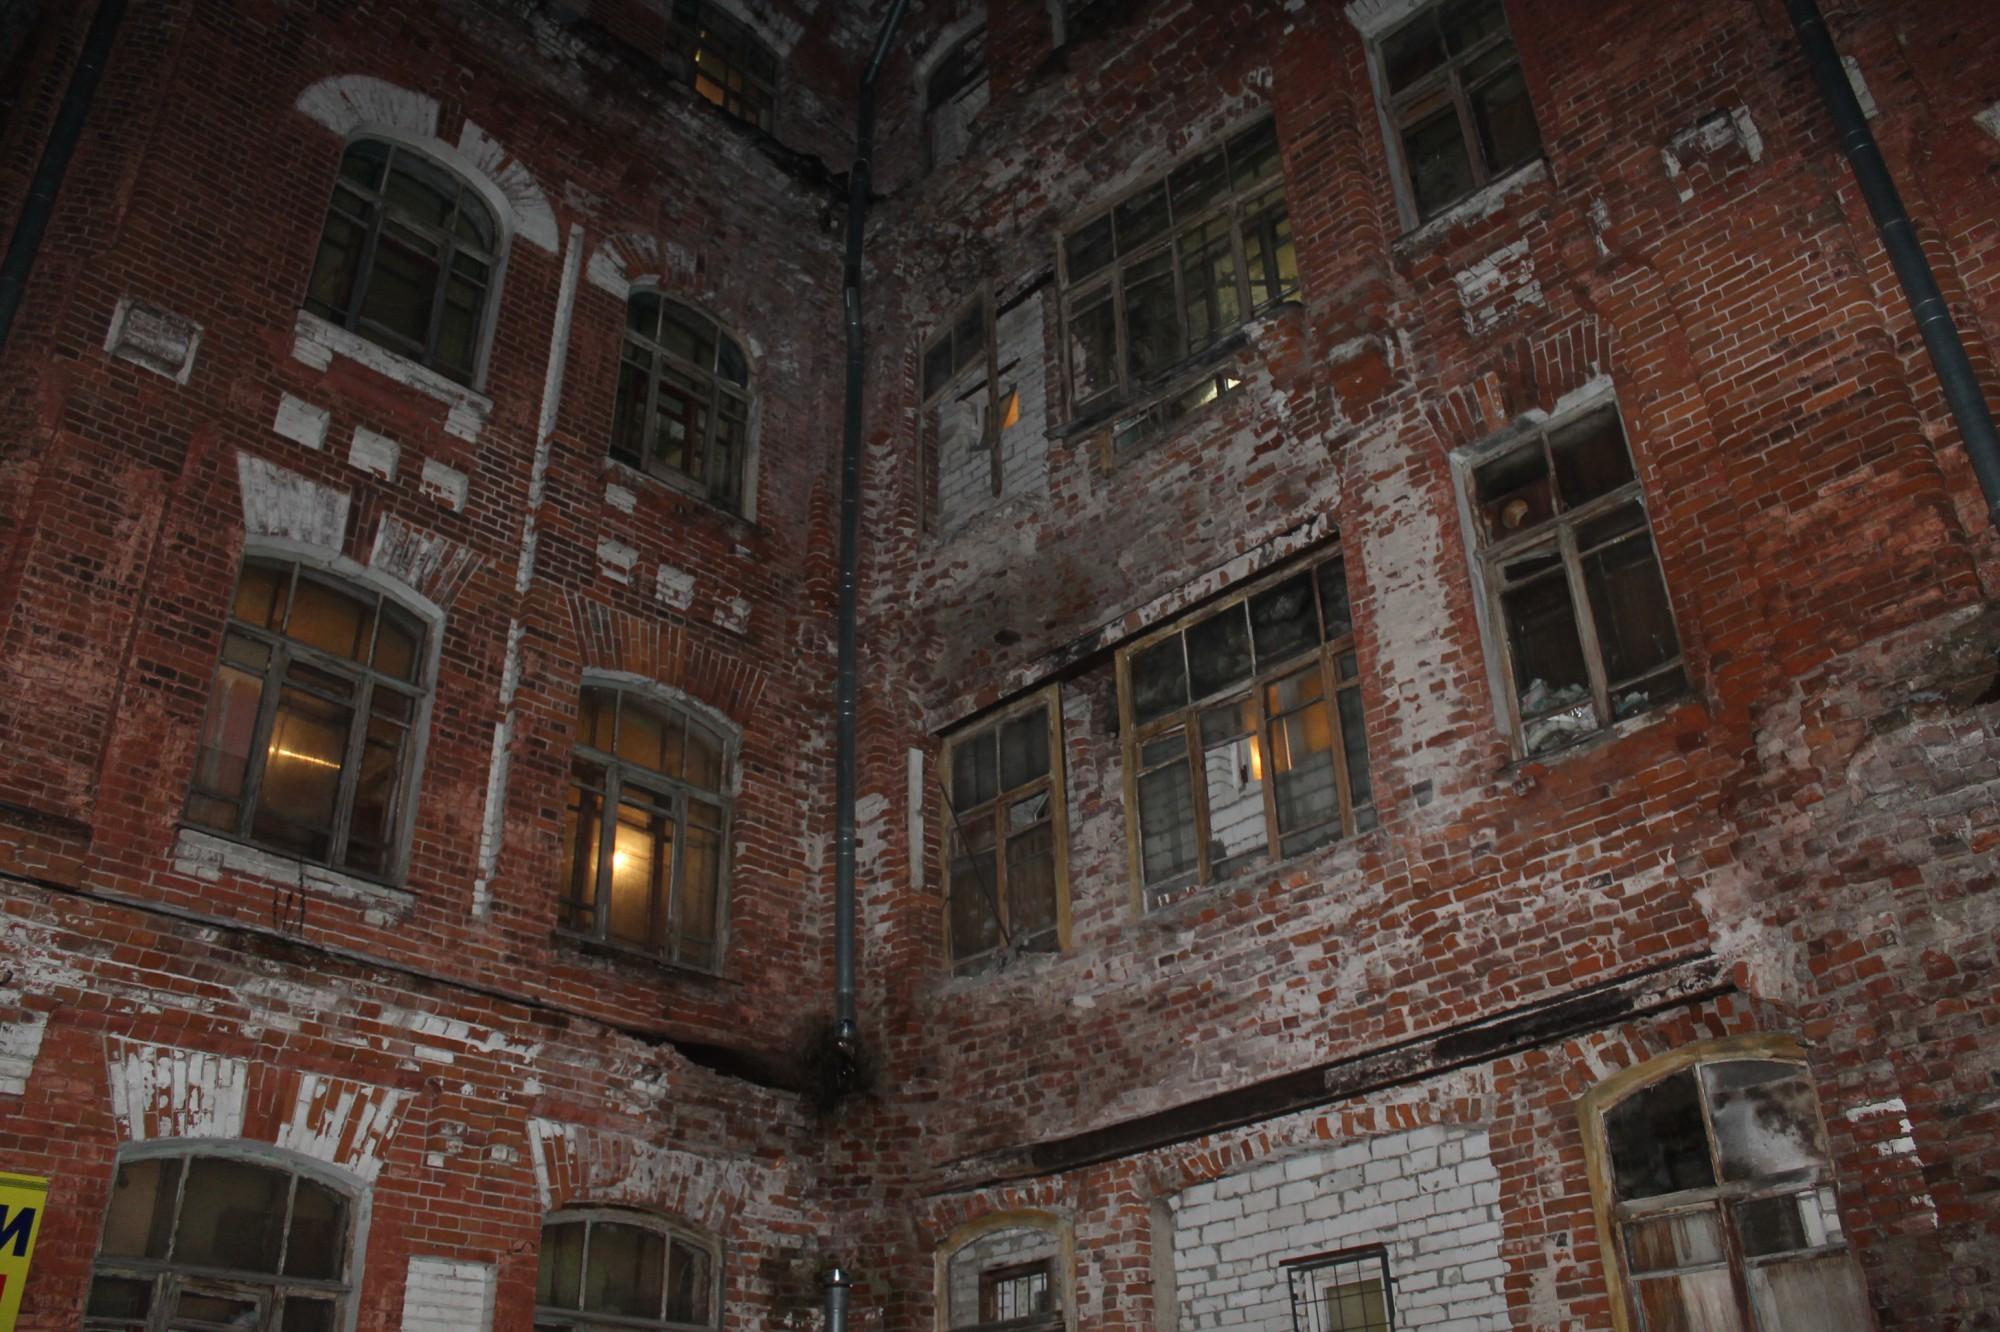 ВТвери обрушилась часть кирпичной стены жилого дома